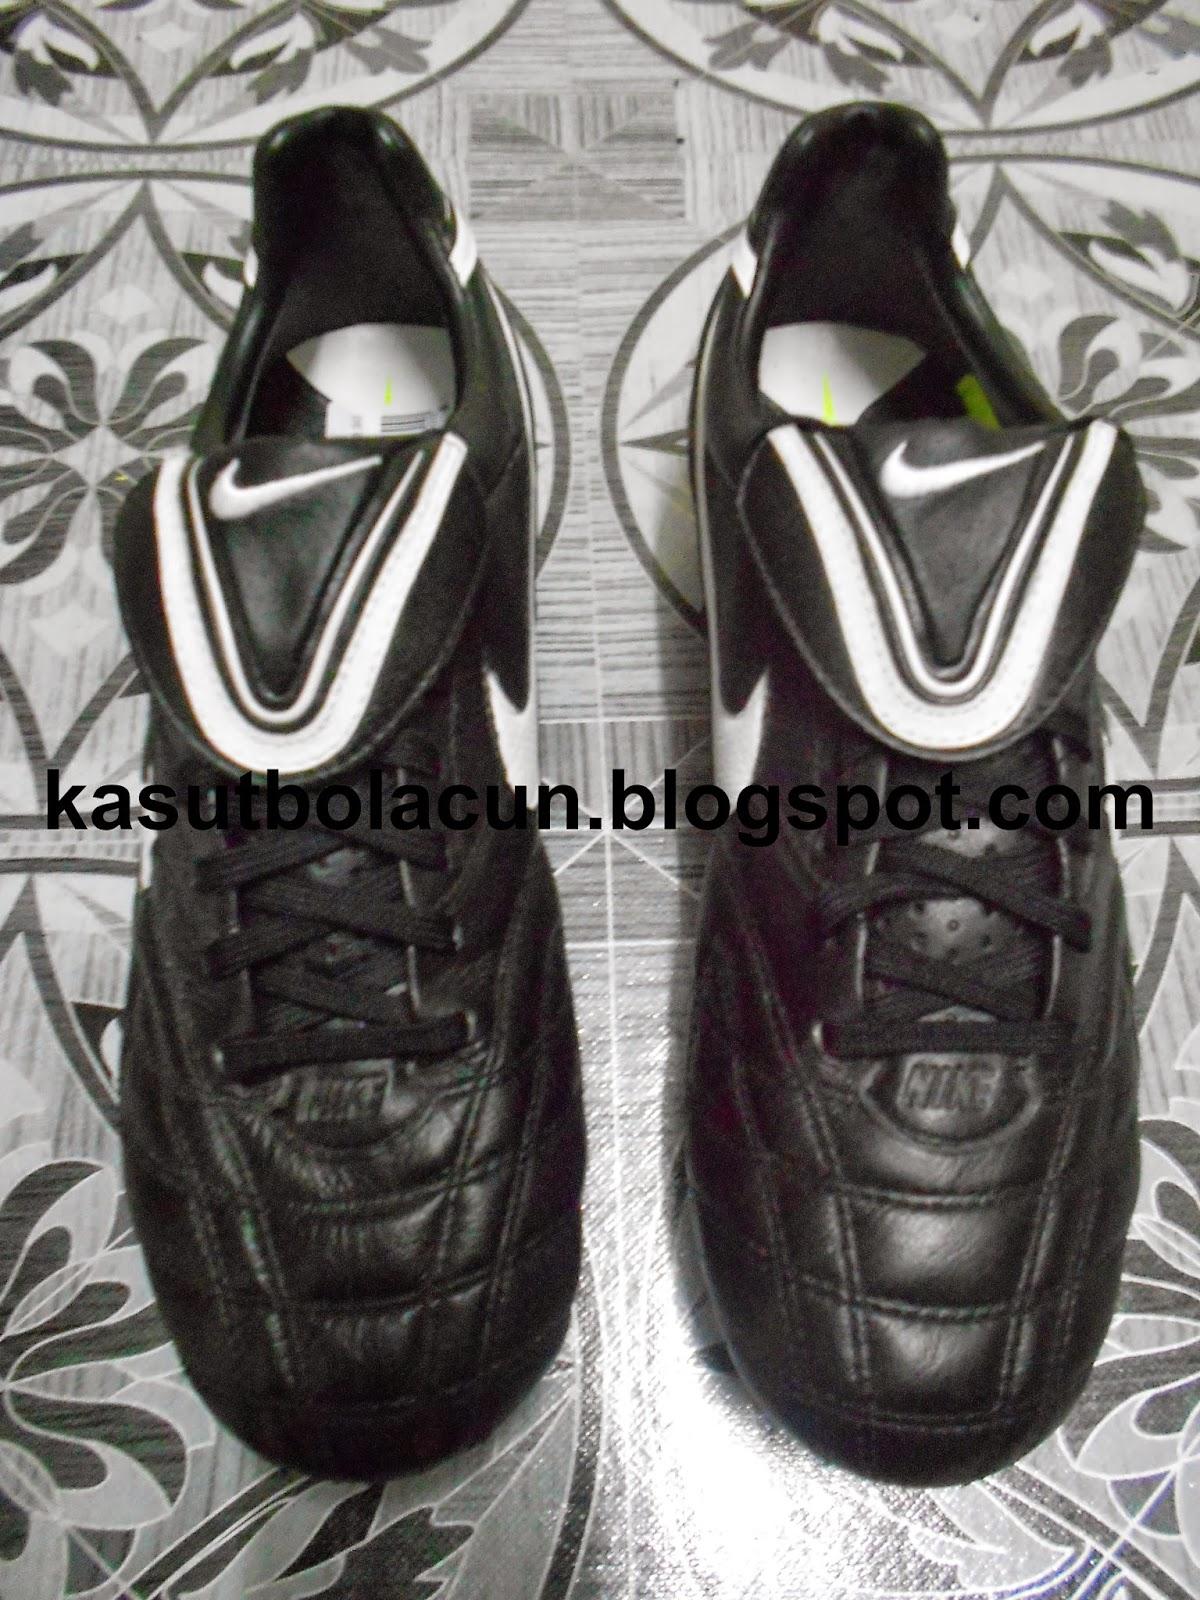 http://kasutbolacun.blogspot.com/2014/10/nike-tiempo-legend-3-sg.html